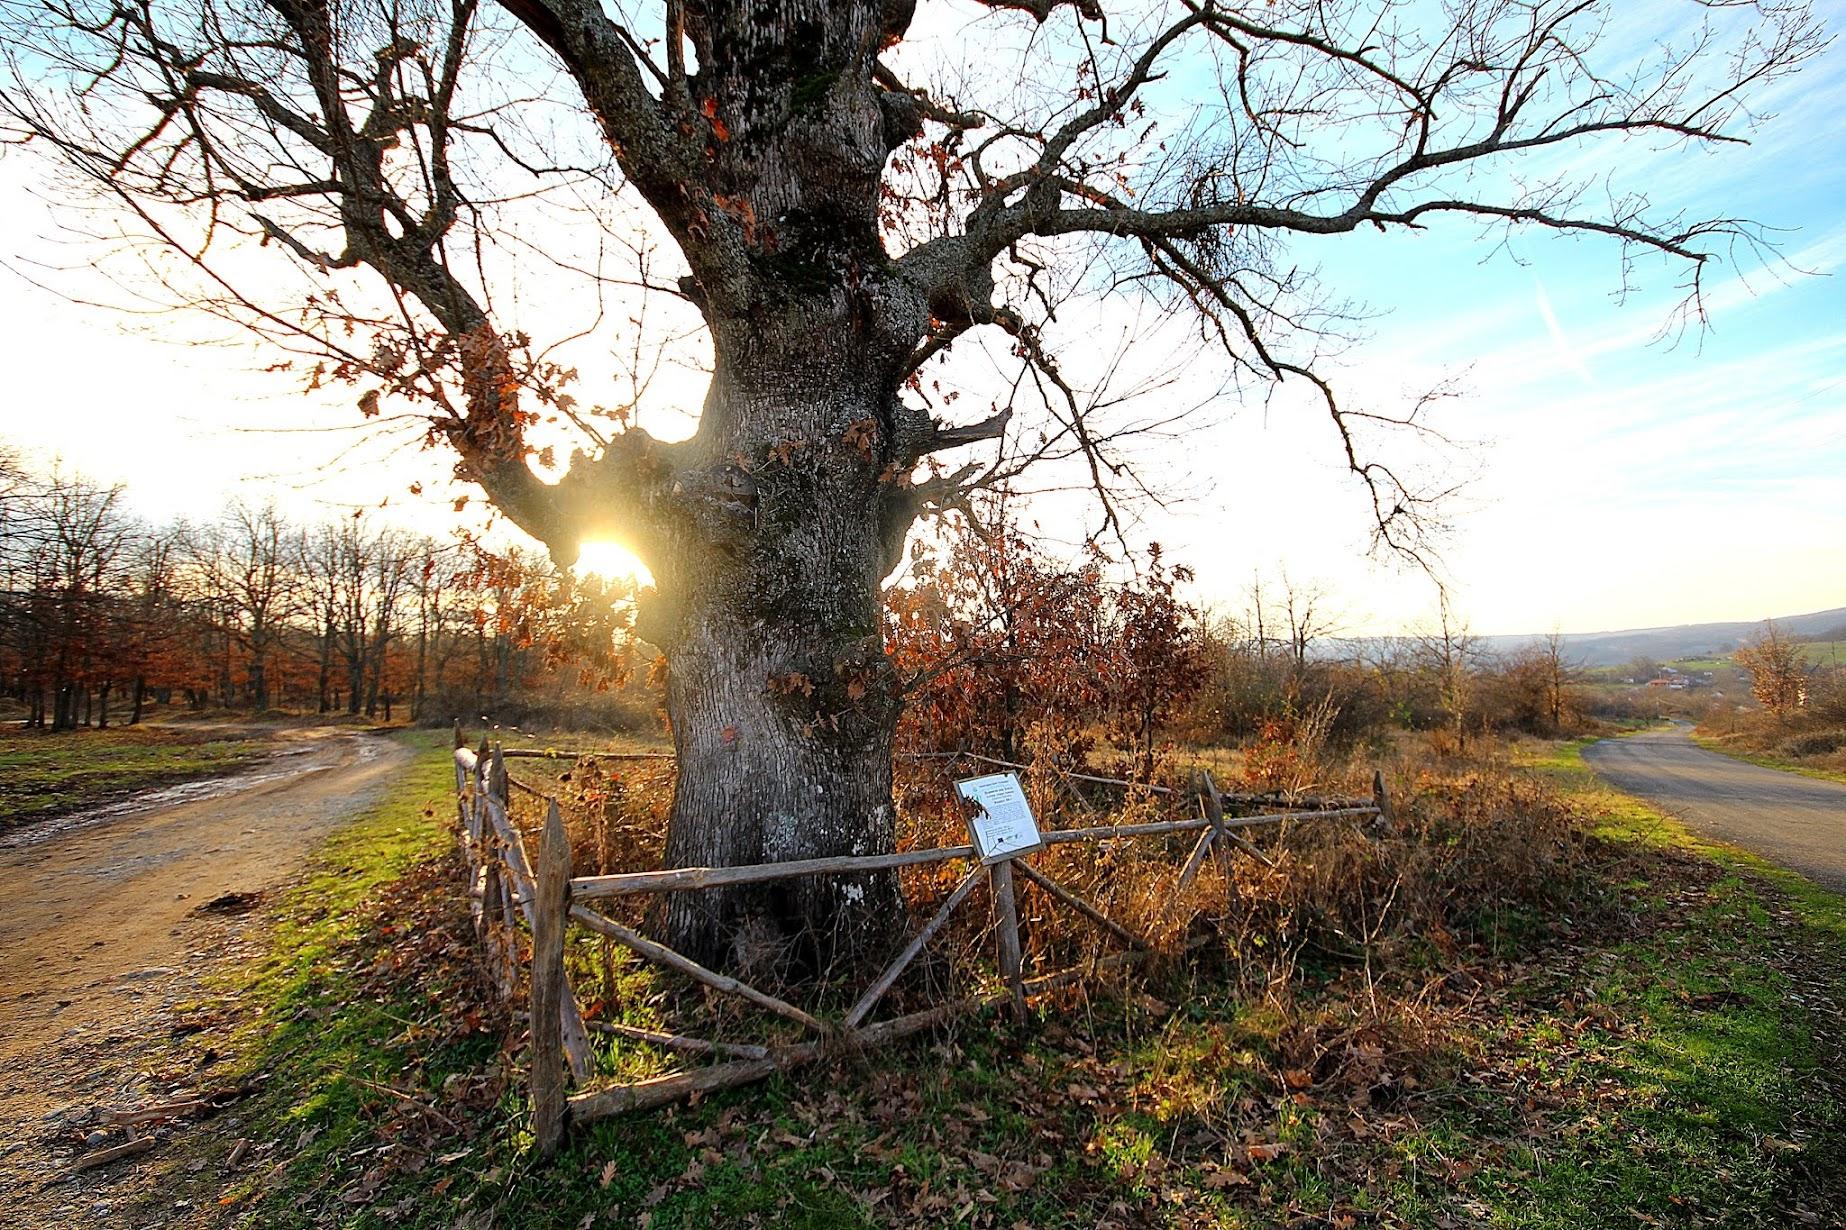 снимки дърво